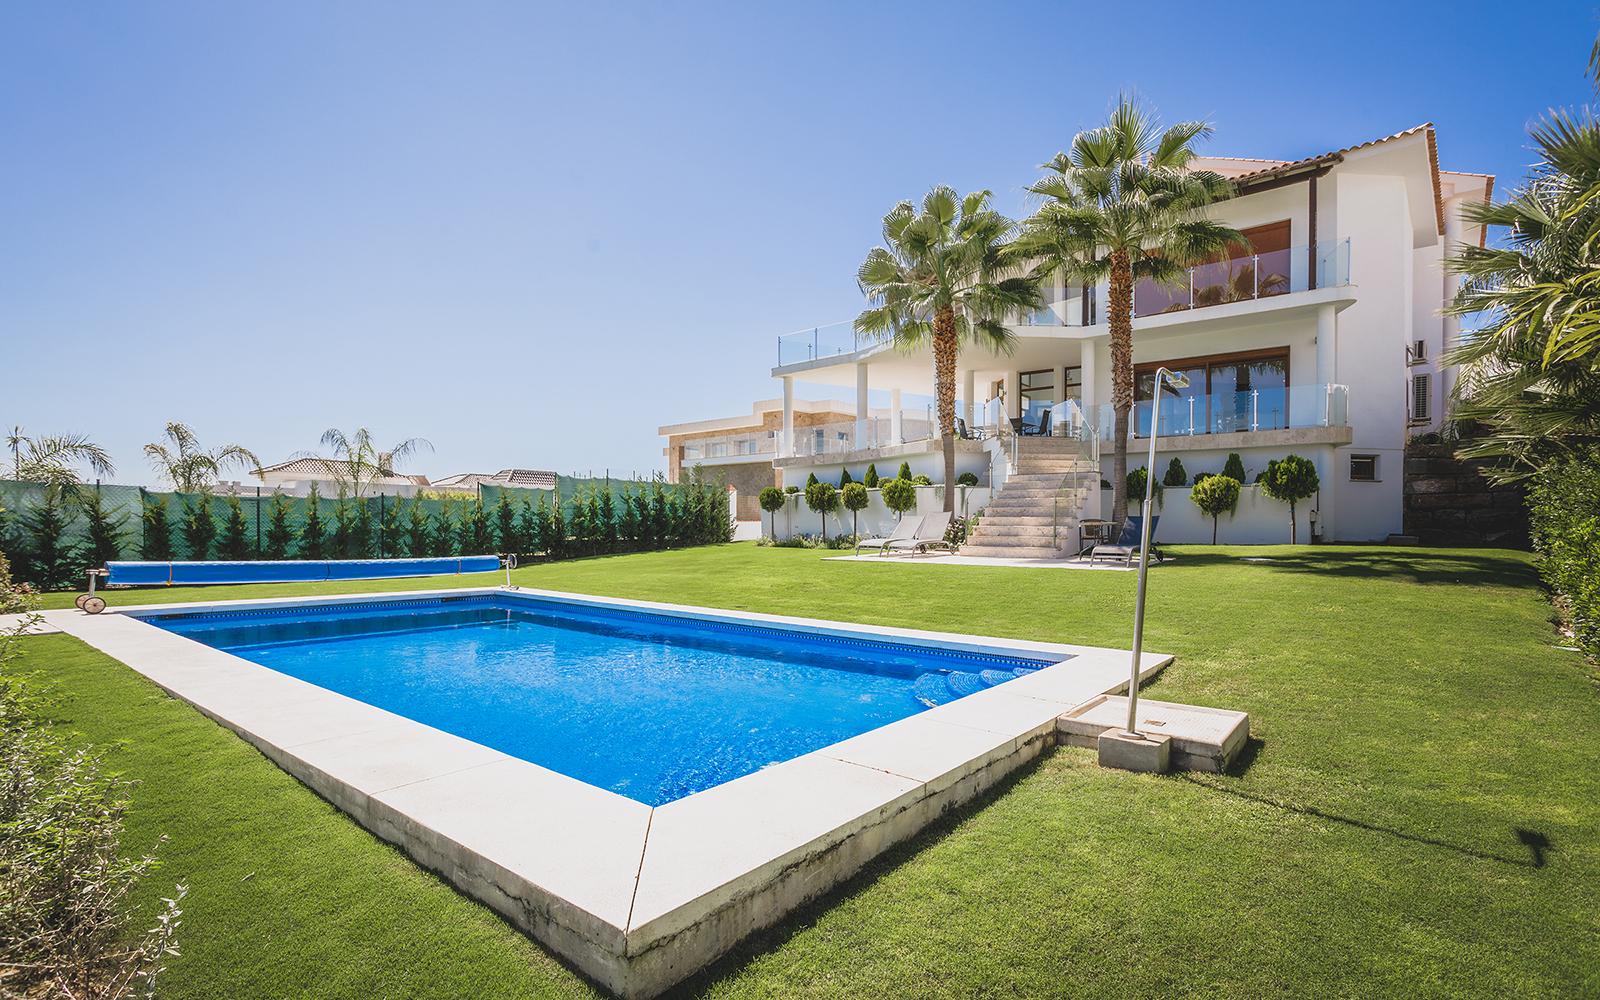 Maravillosa villa en primera línea de golf en Los Flamingos